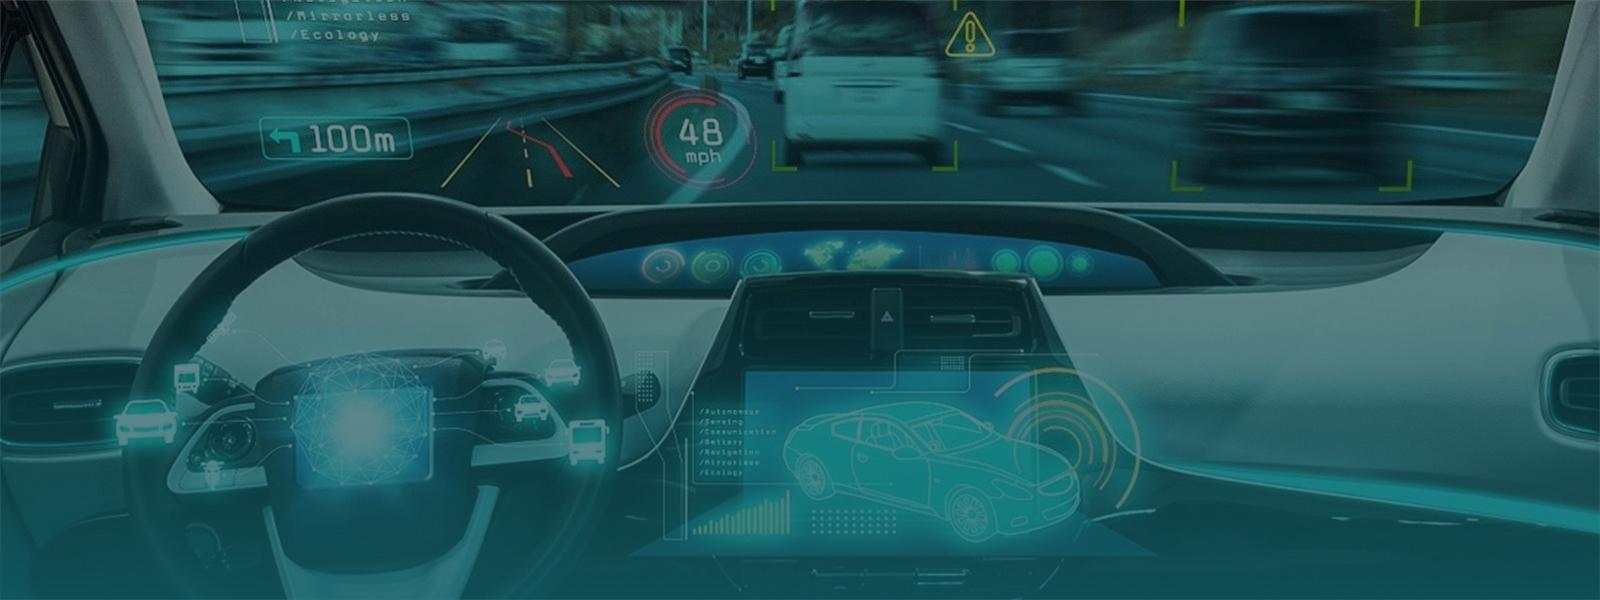 微软助力均联智行,开启全球车联网实践